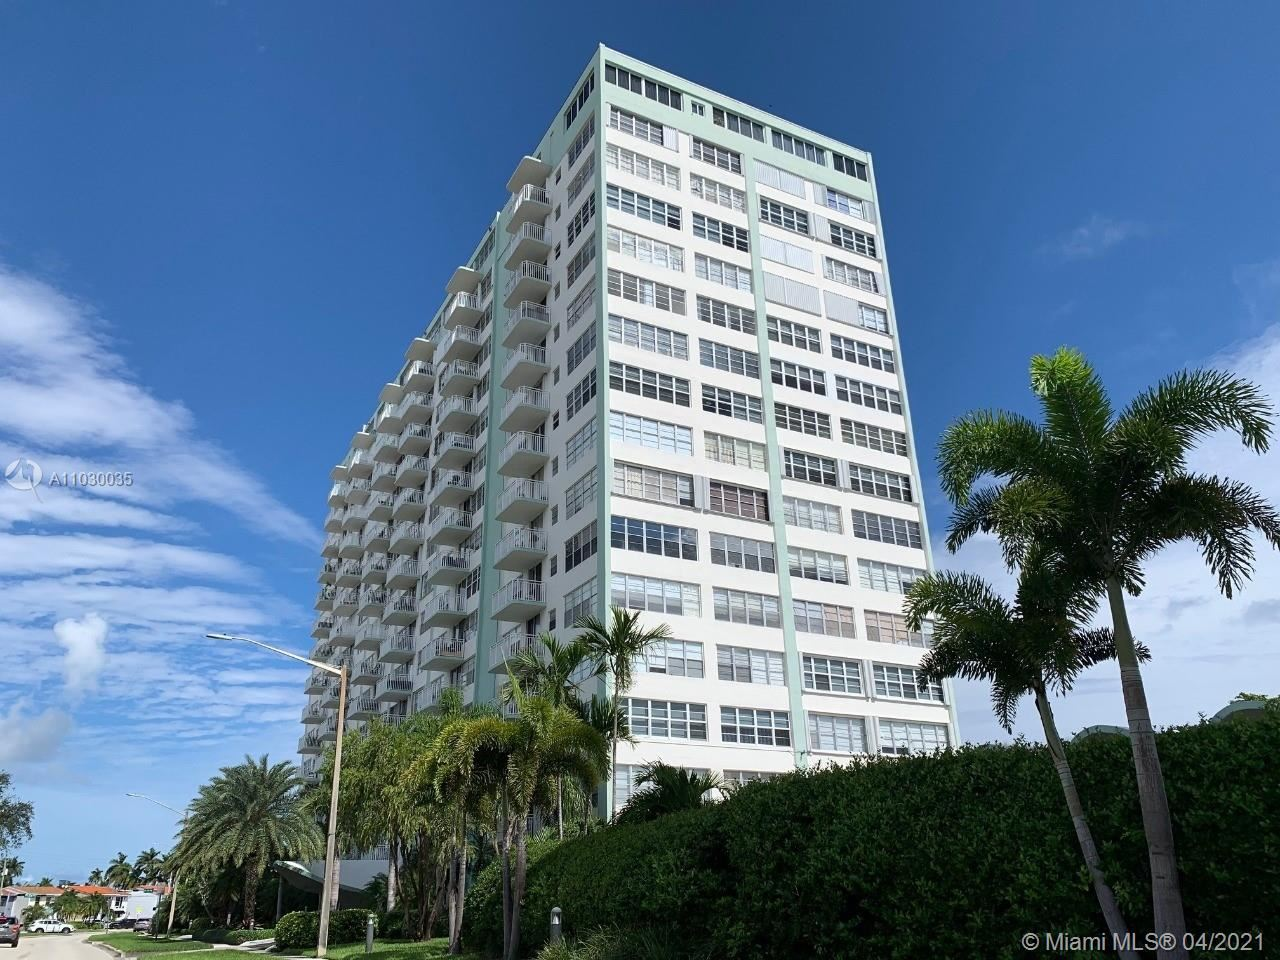 2150 Sans Souci Blvd #B901, North Miami, FL 33181 - #: A11030035